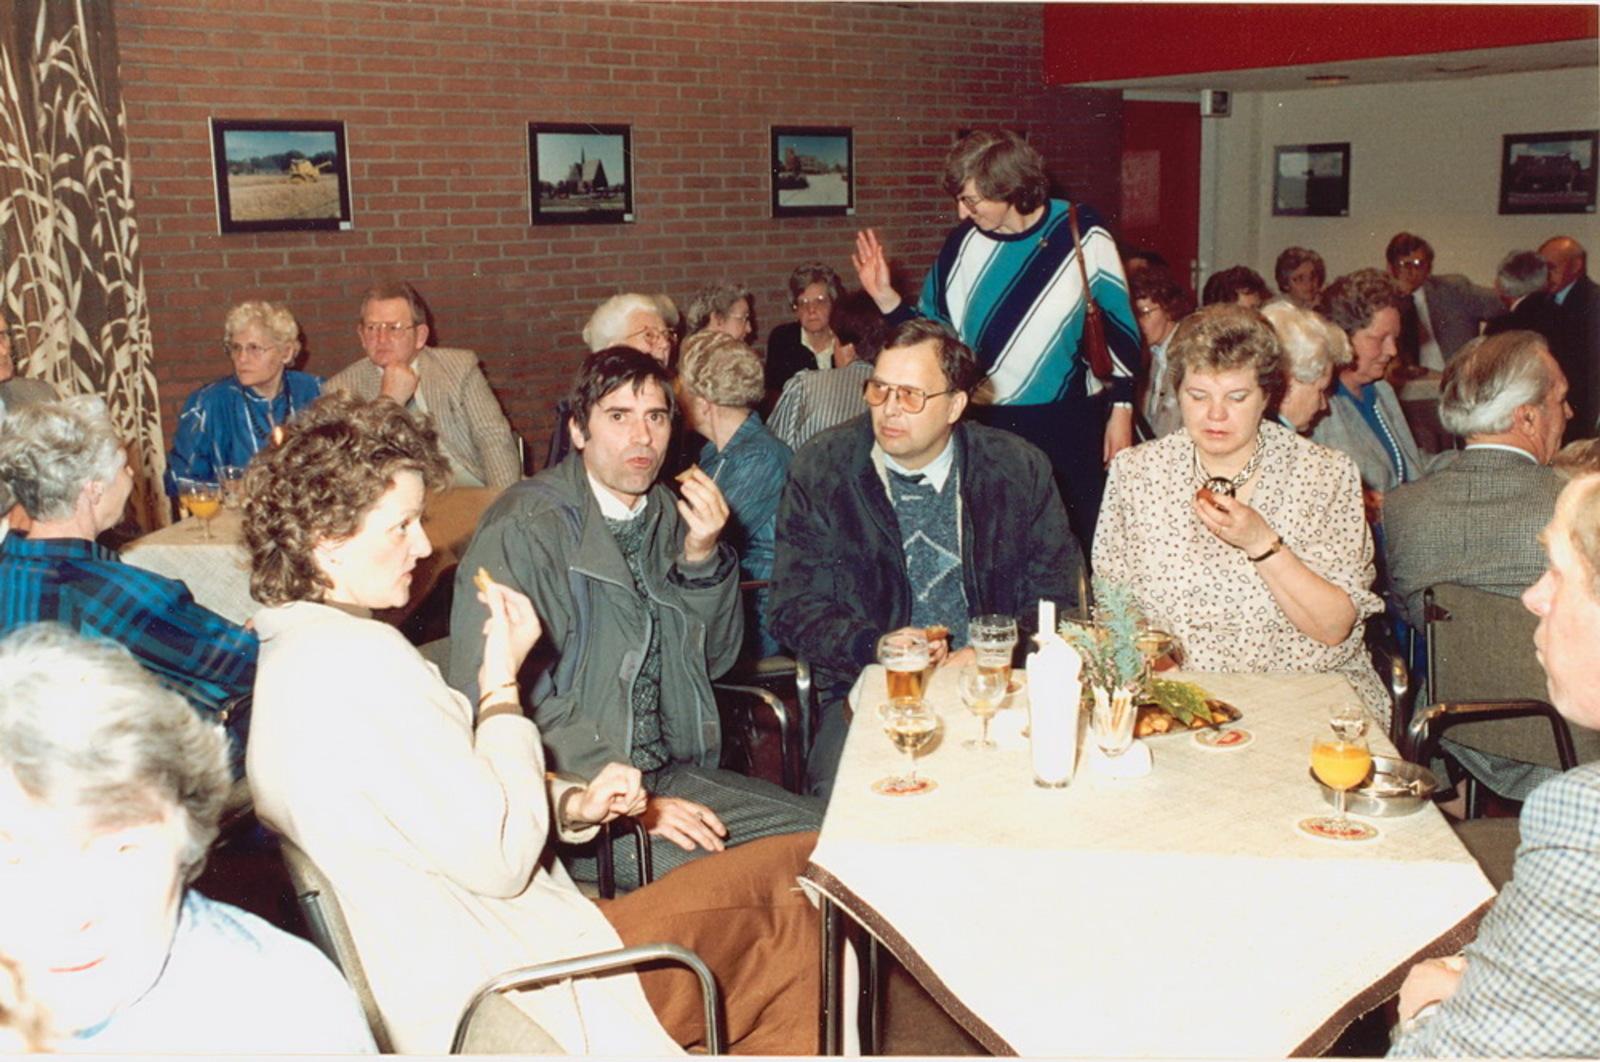 Marktlaan O 0022 1988 Sigarenboer Kraak 50jr Jub en Sluiting 62